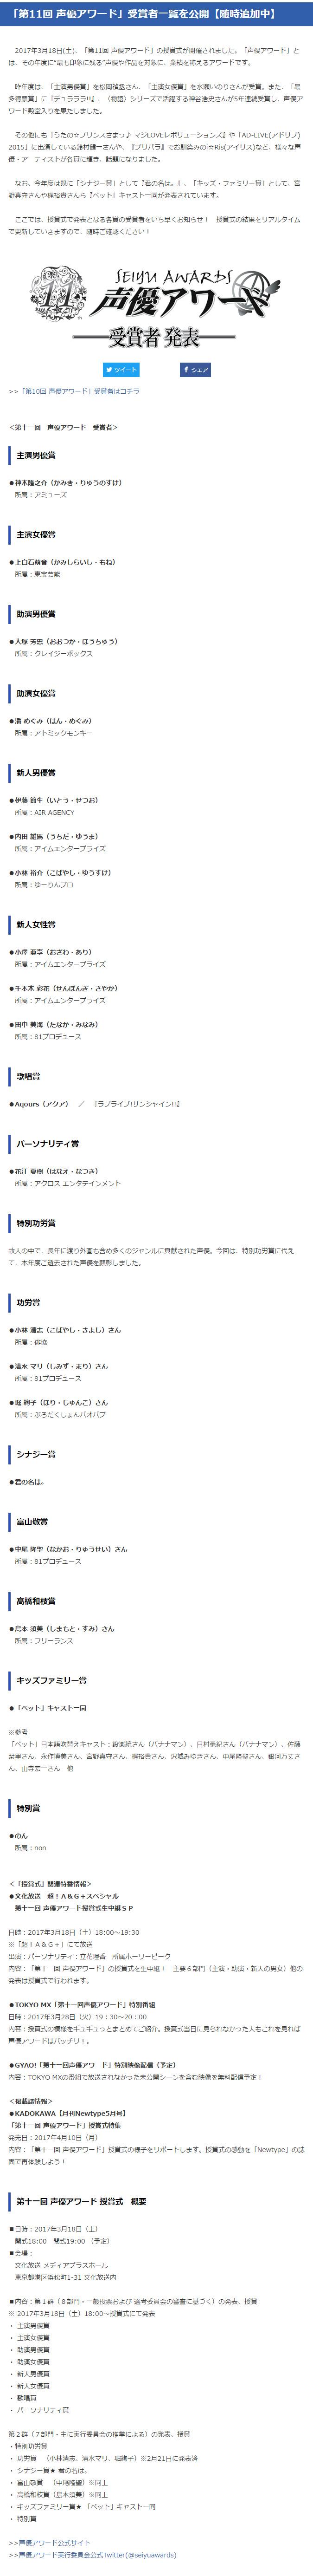 第11回声优赏获奖名单公布,《你的名字。》成最大赢家-ANICOGA